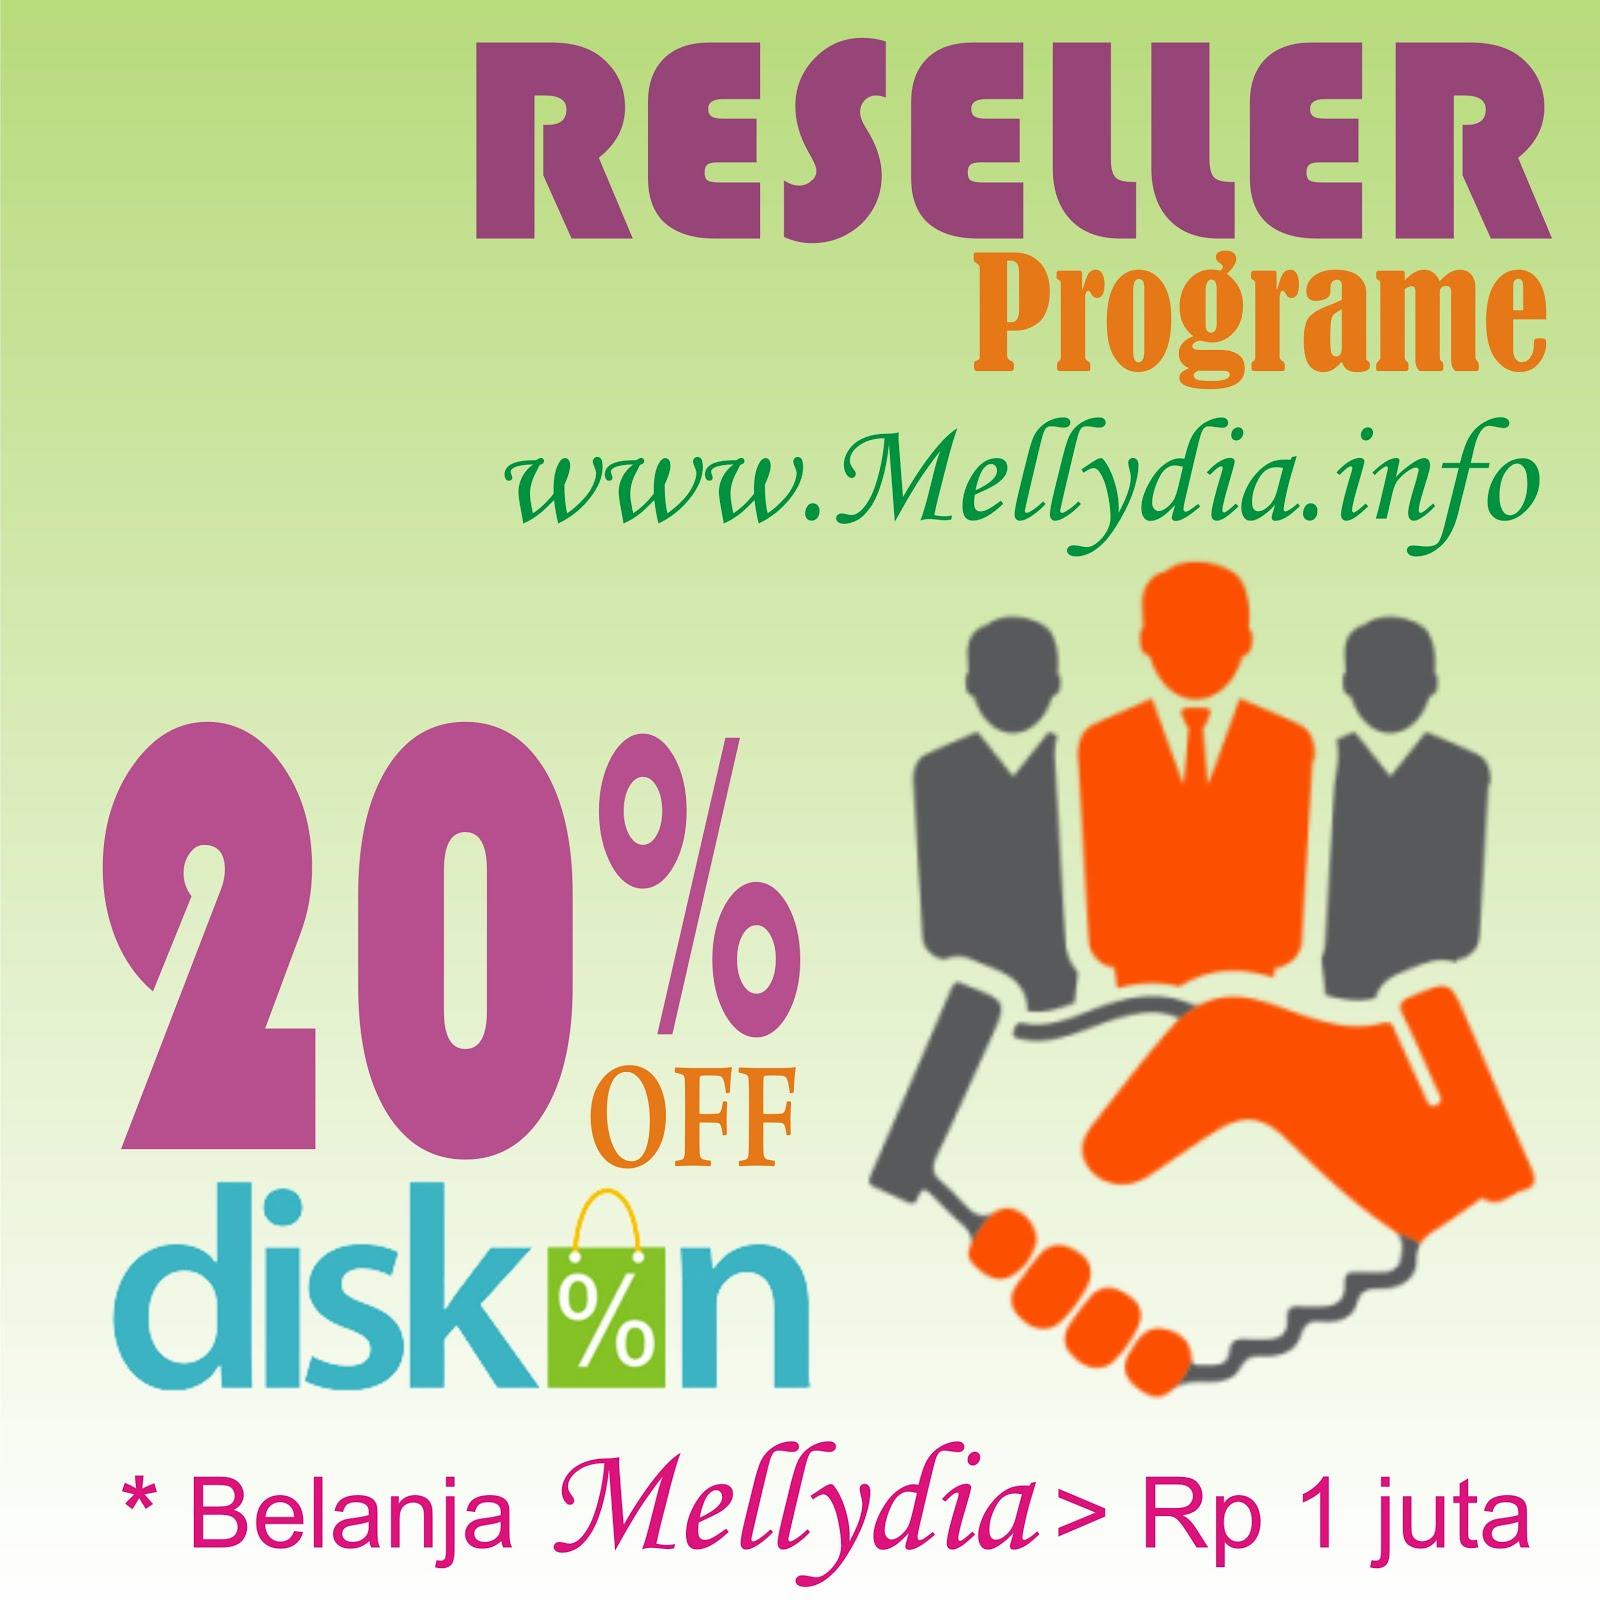 Promo Reseller Mellydia Diskon 20%